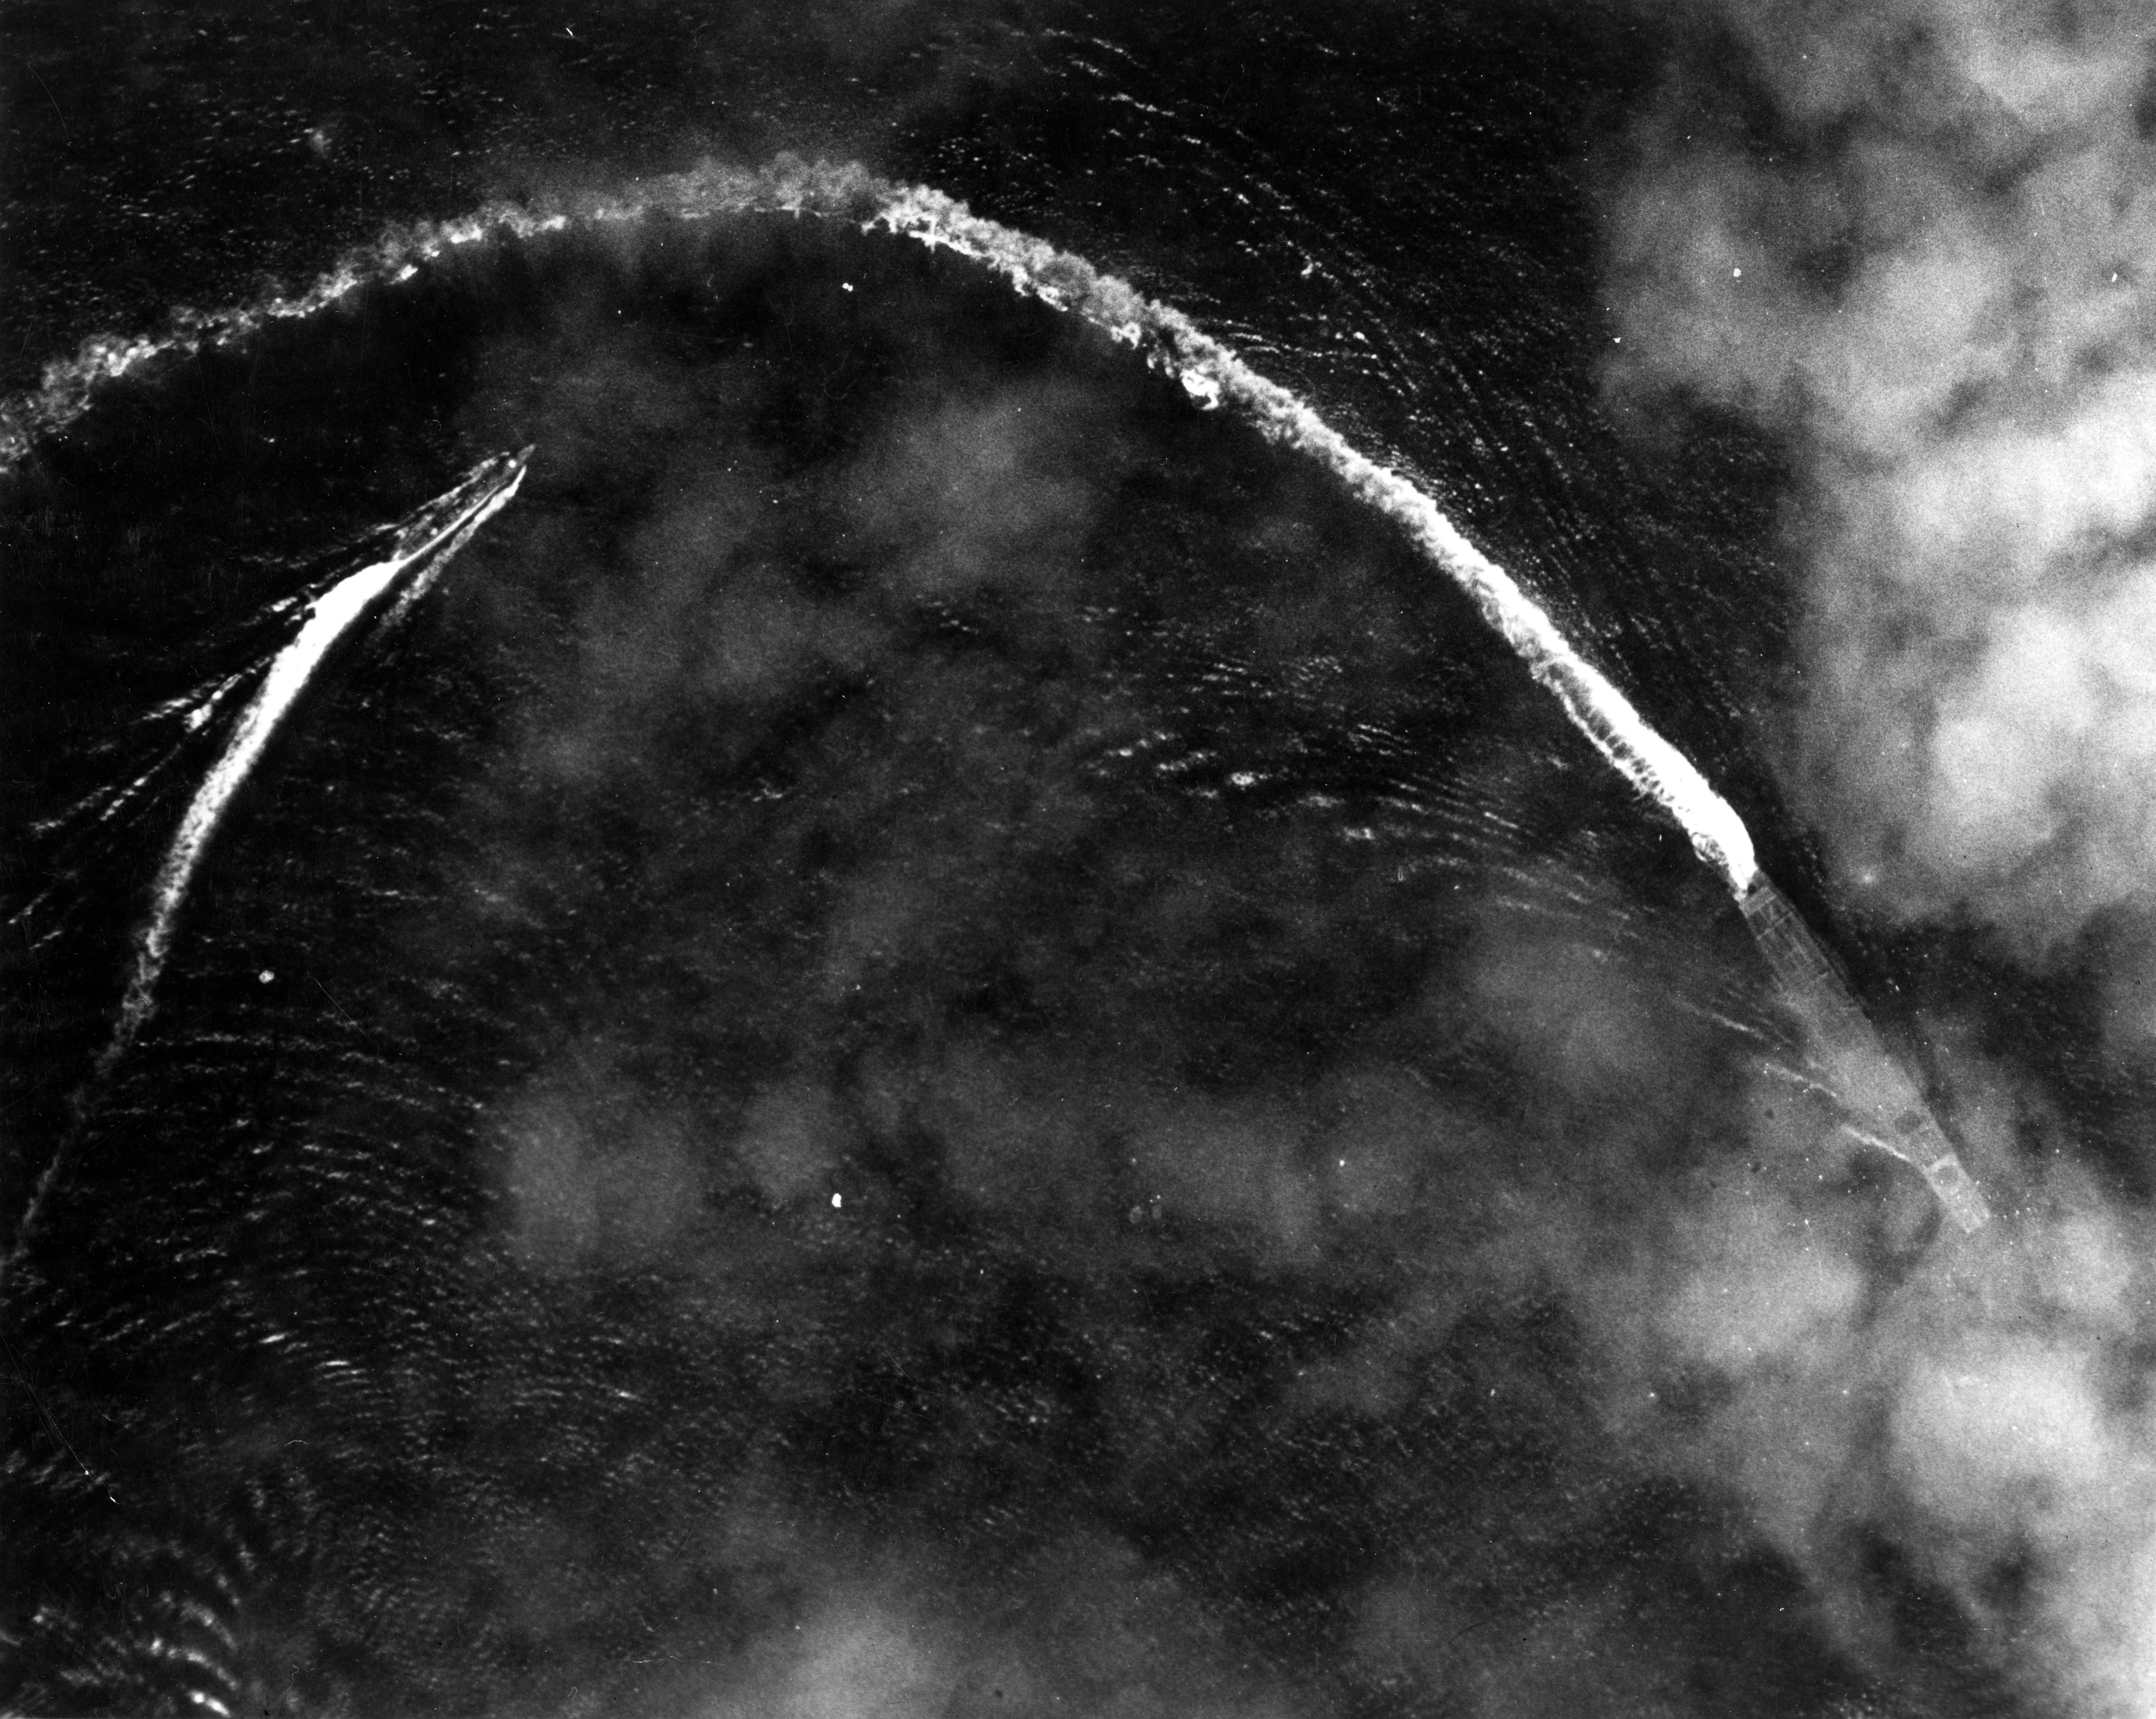 ミッドウェー海戦でアメリカ軍航空機の攻撃にさらされ、退避行動を取る空母「赤城」